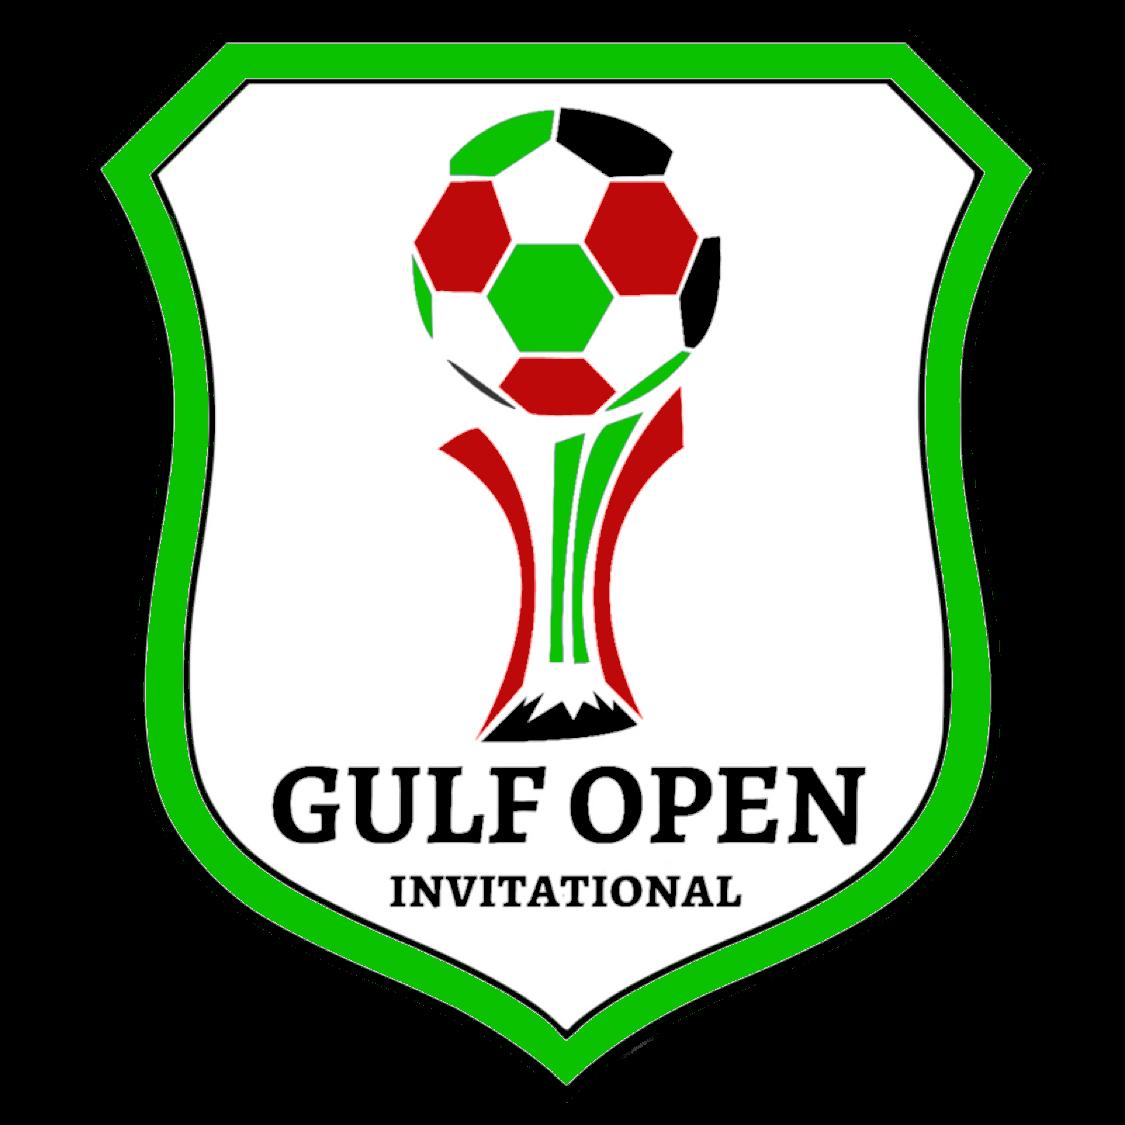 Gulf open invitational international. Goal clipart football tournament